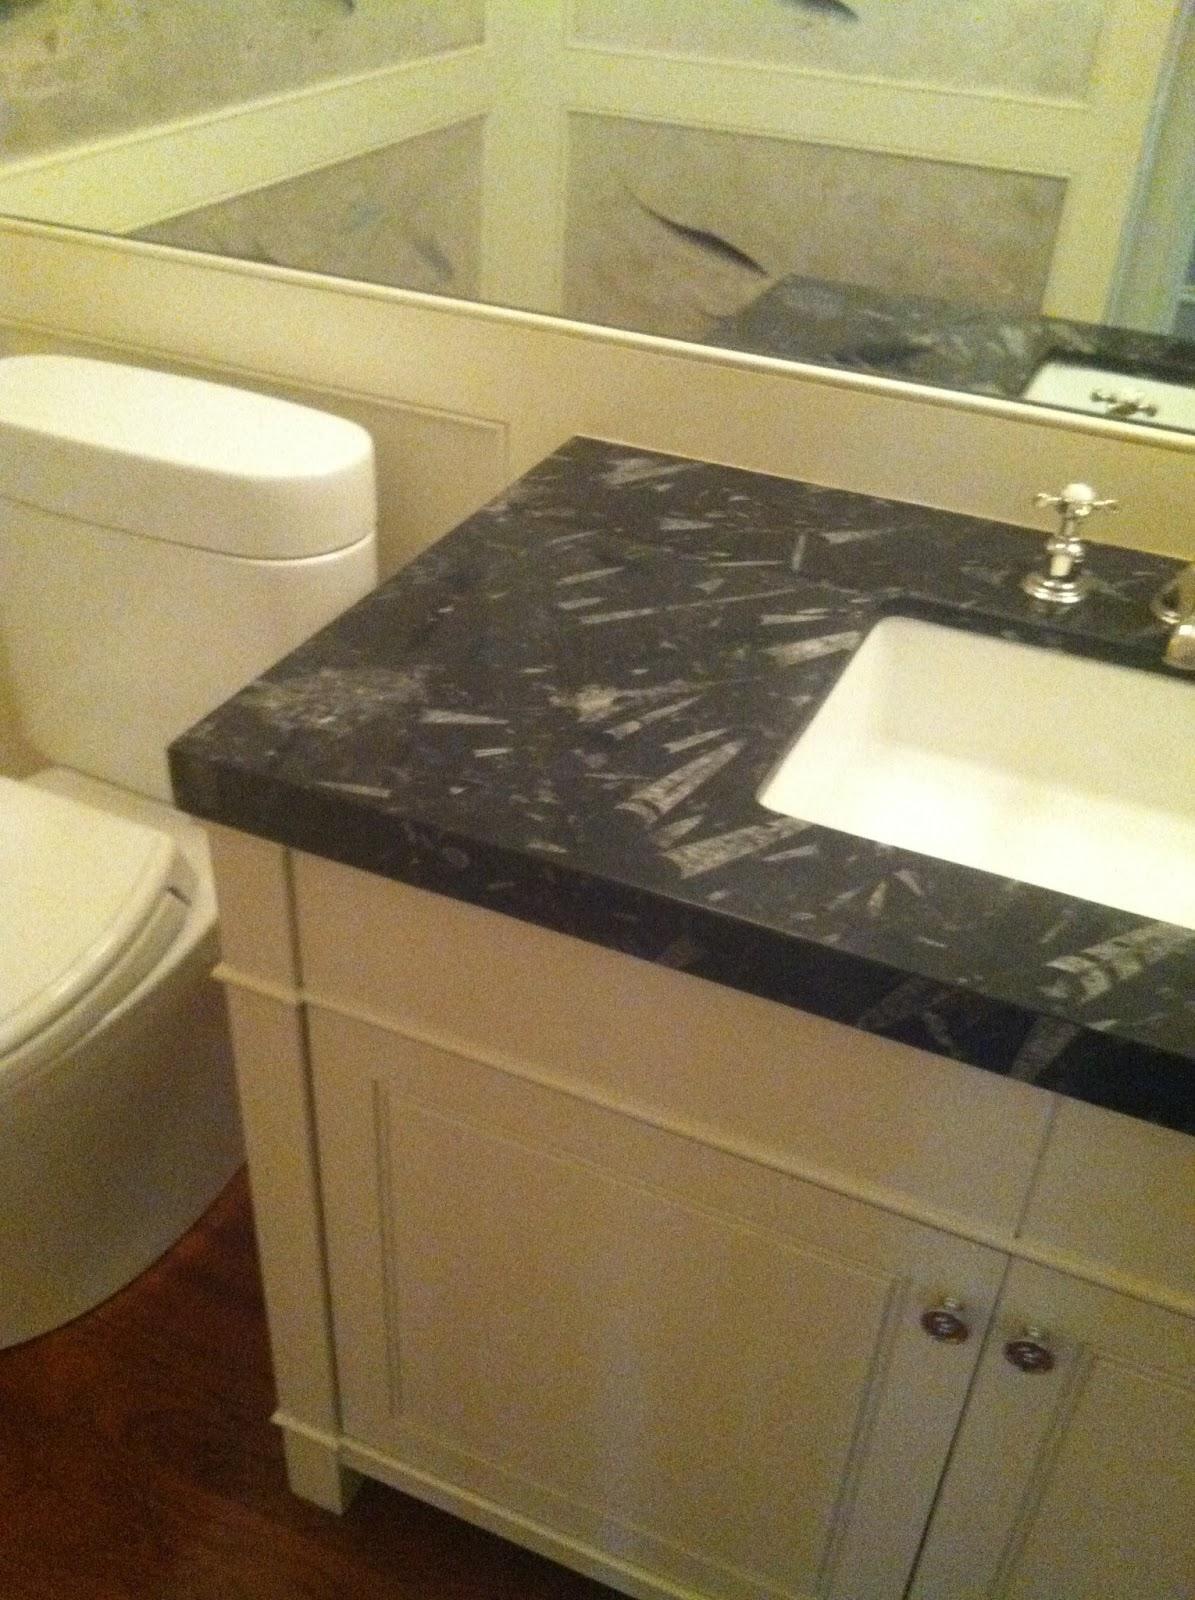 http://3.bp.blogspot.com/-W3tFhQSvLbA/UOb1EyJaRLI/AAAAAAAAQ1w/4xJaWAIORp4/s1600/bathroom%2Bwallpaper.JPG